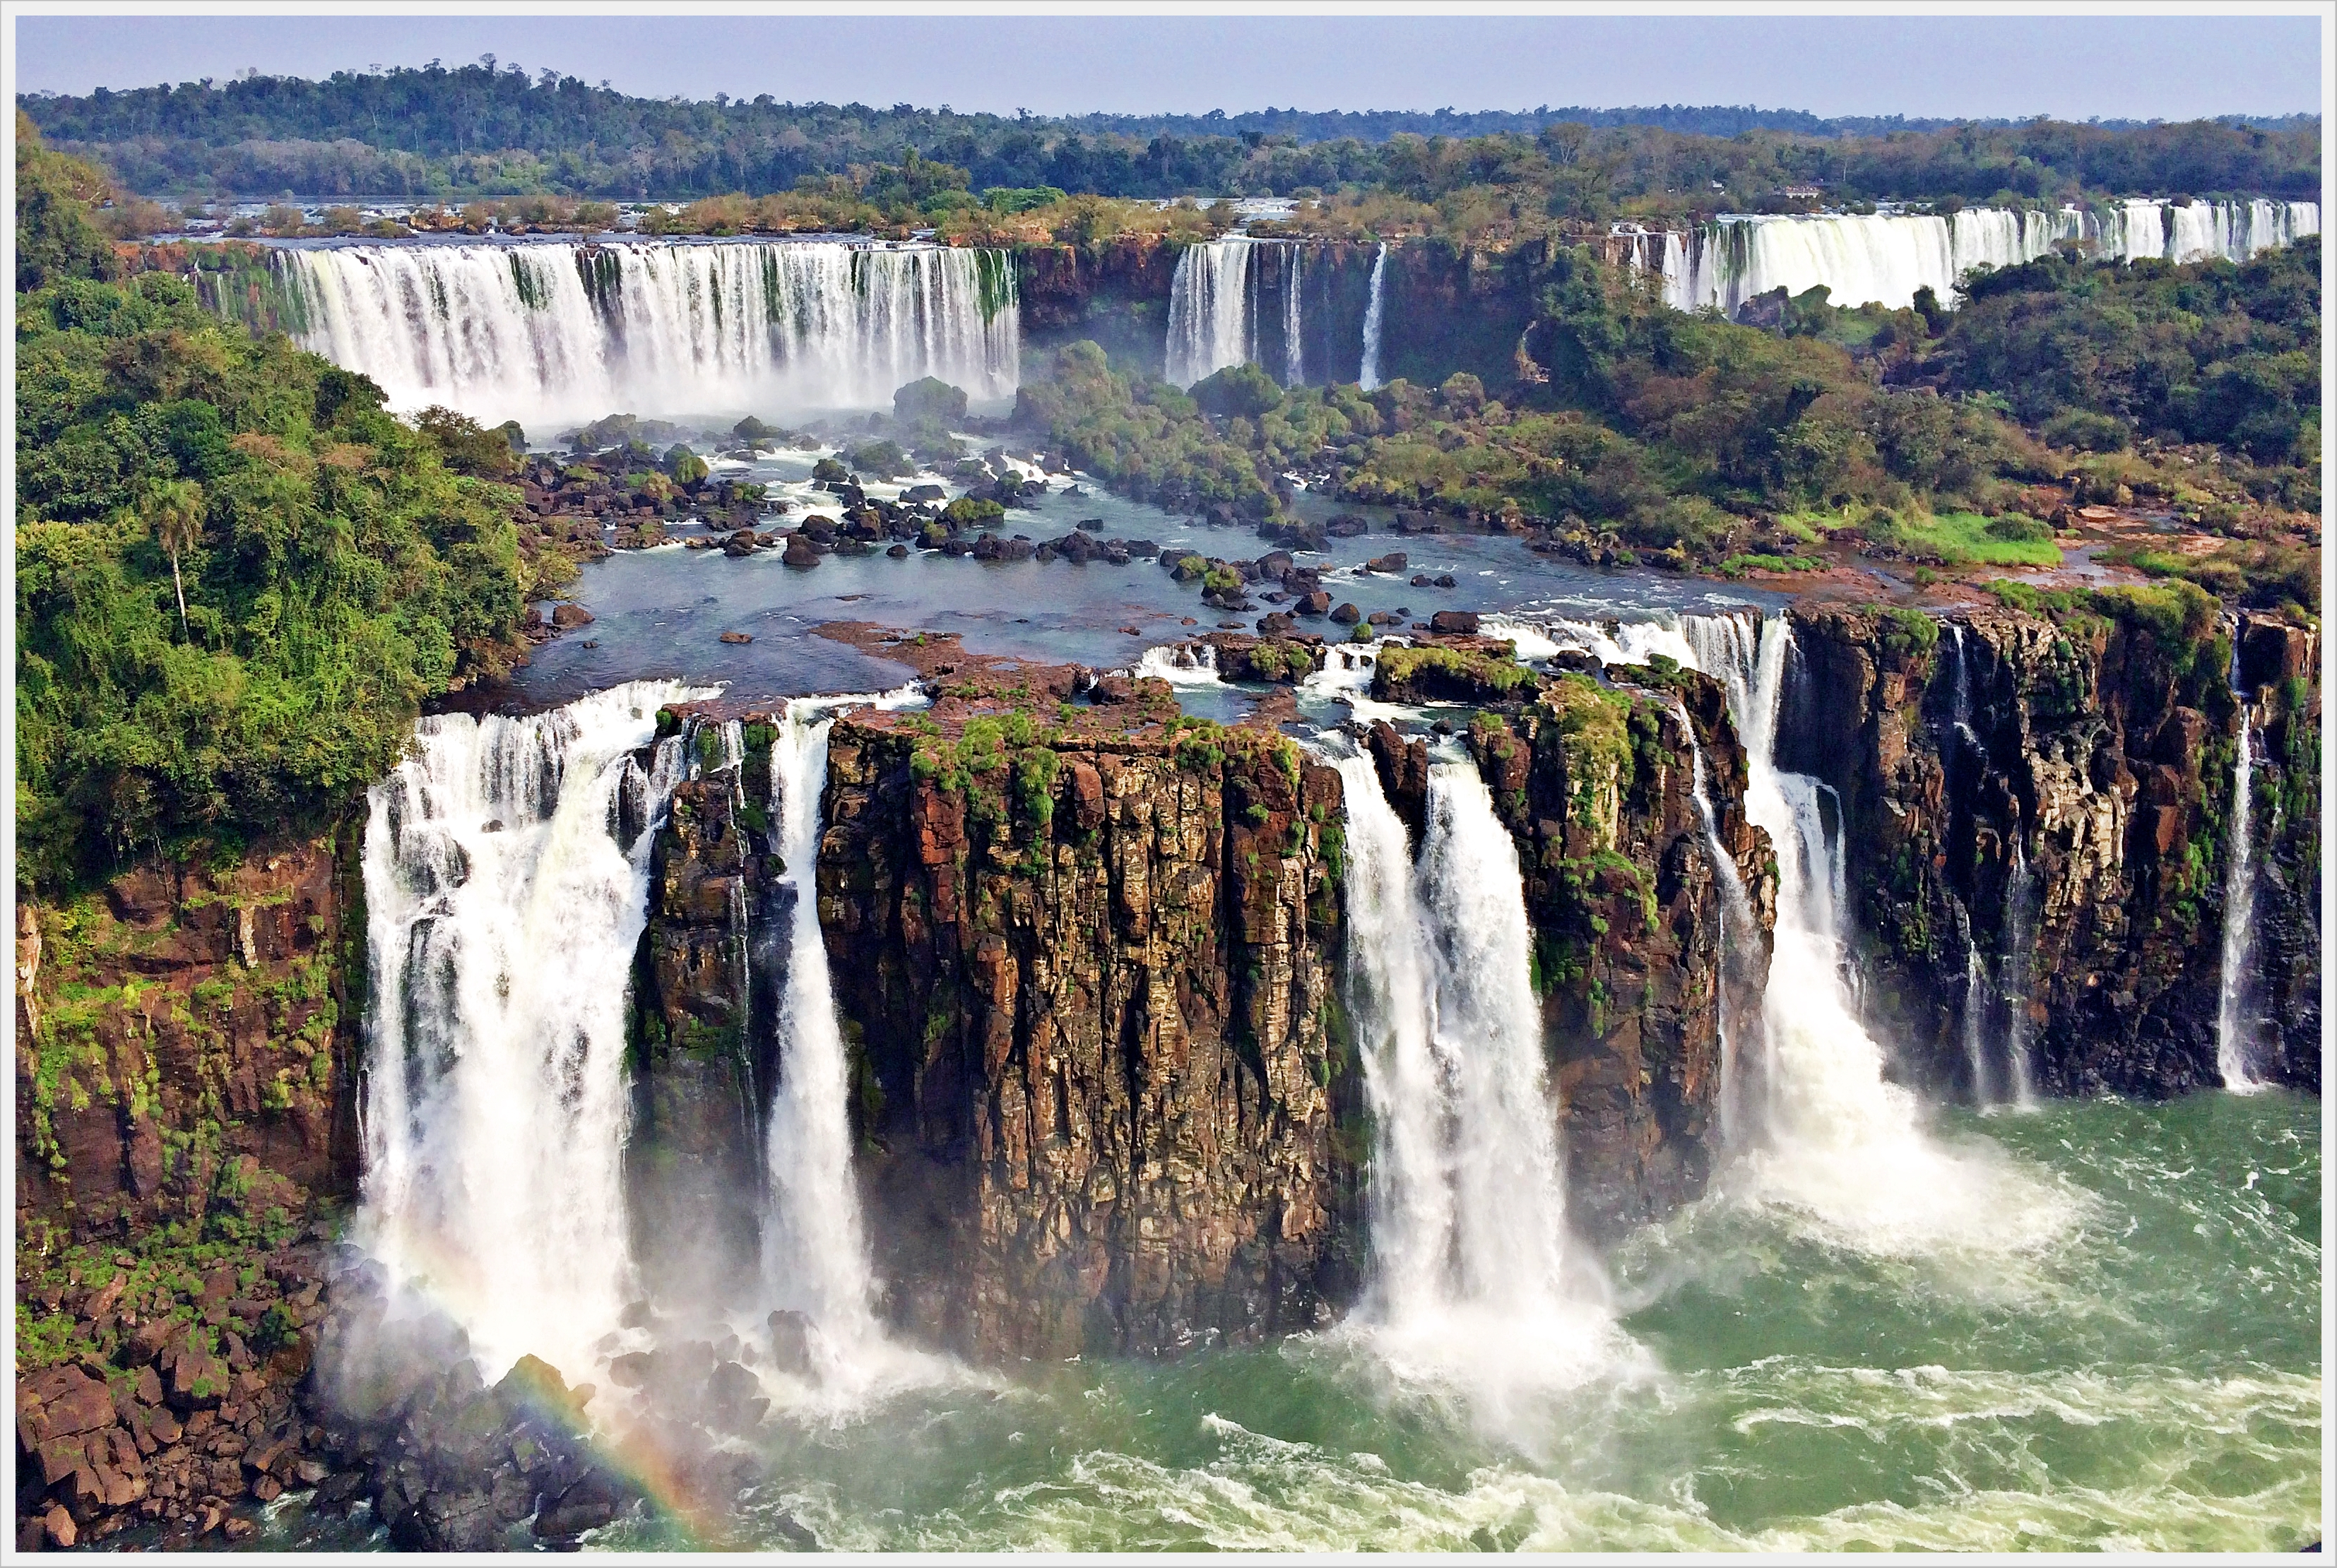 11_2016 - Iguazu Falls (Brazil)